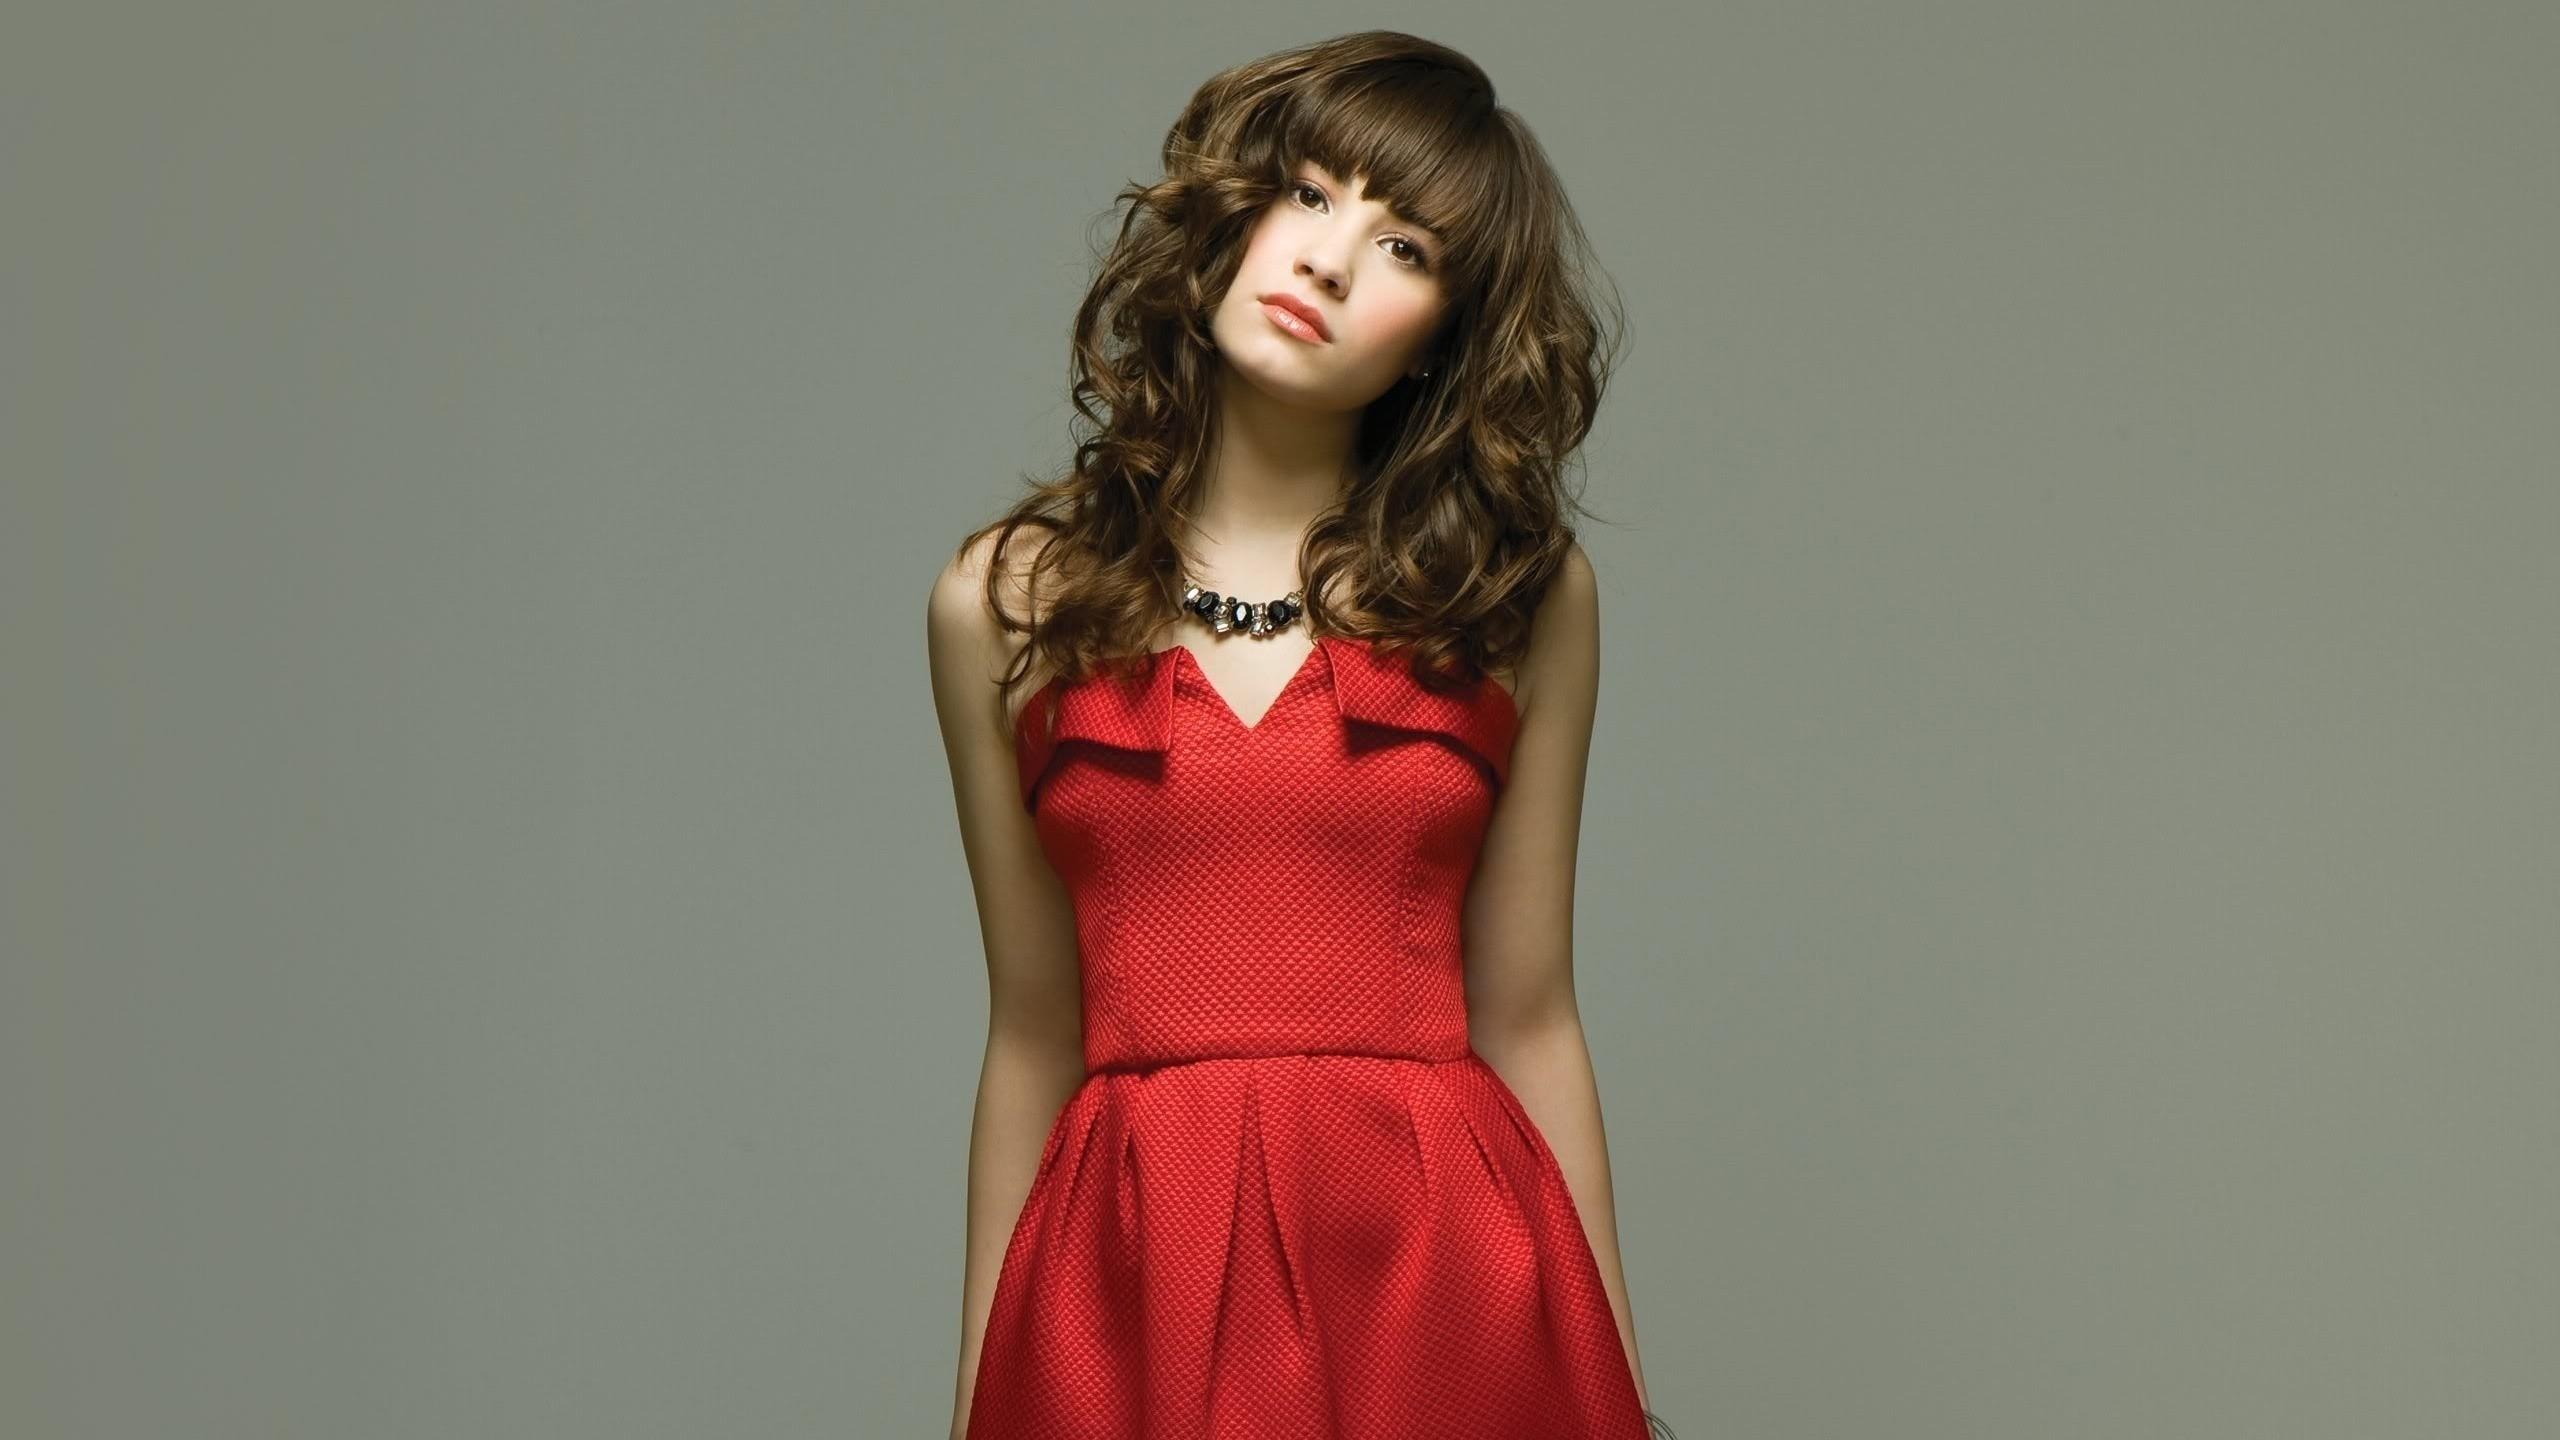 Hintergrundbilder : Modell-, Brünette, rot, Berühmtheit, Demi Lovato ...